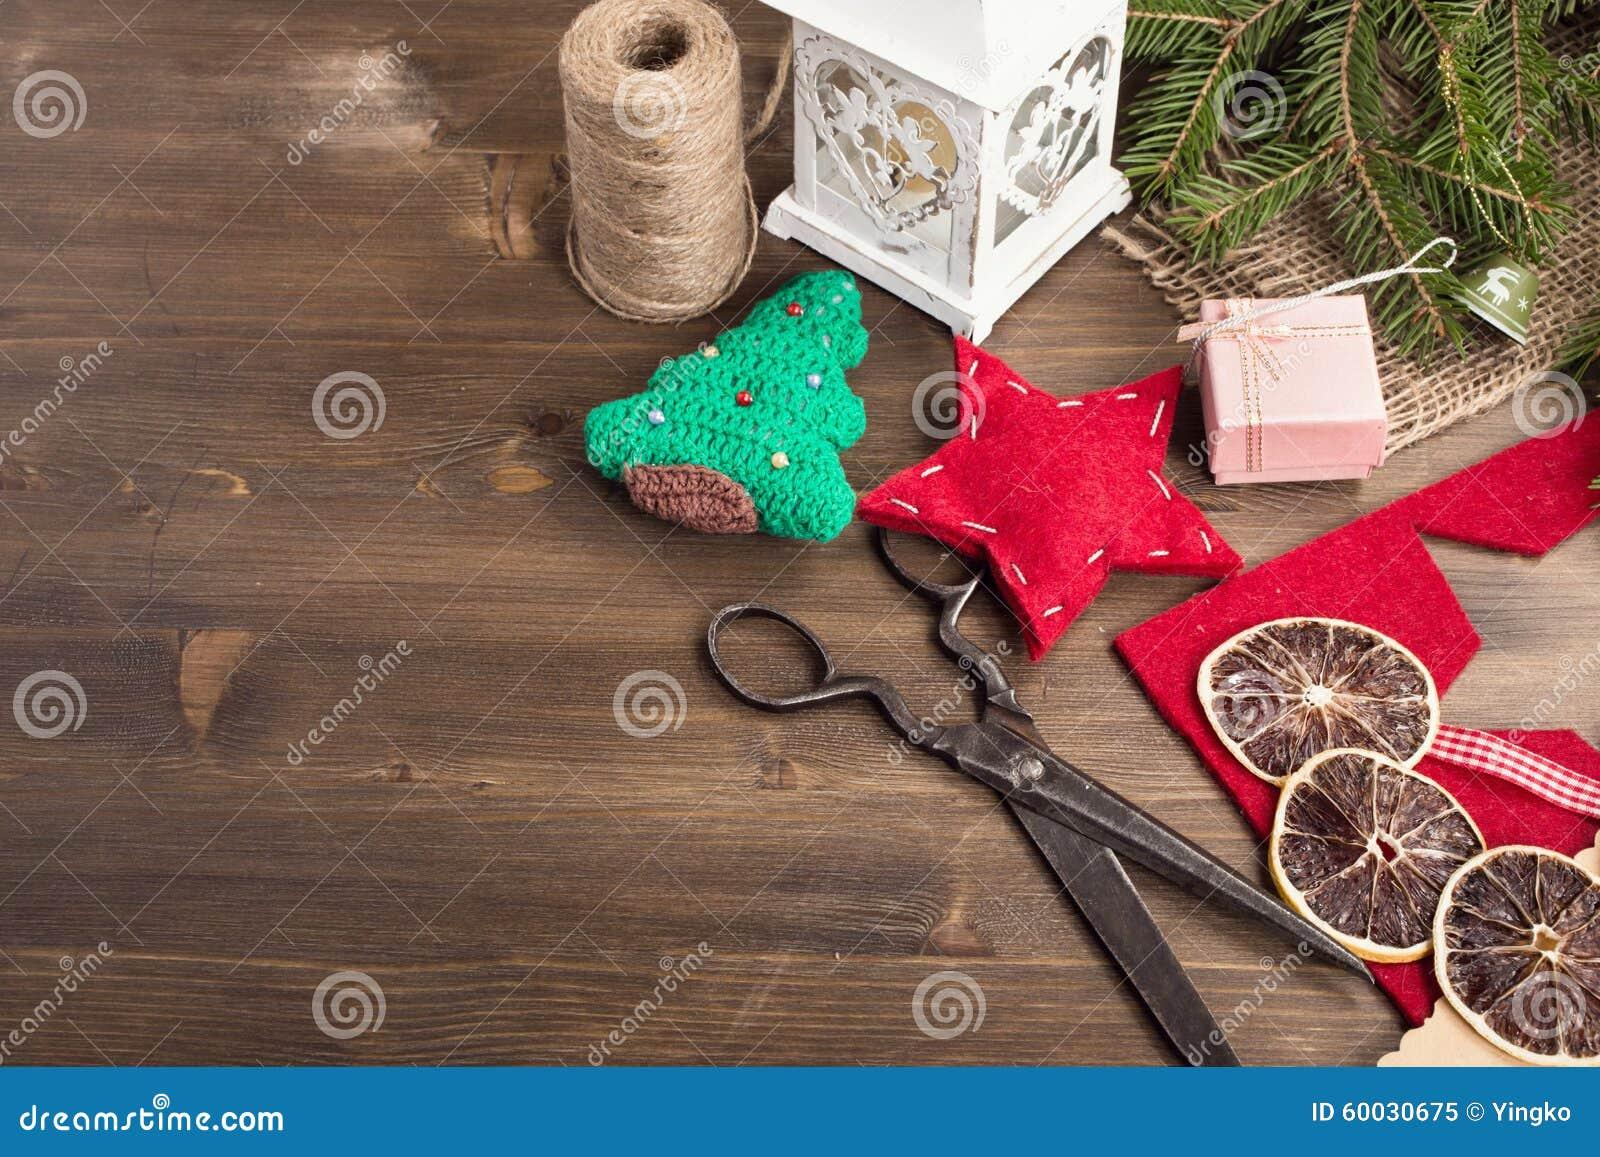 Divers Articles Pour Le Métier De Main De Noël Au Bon Coin